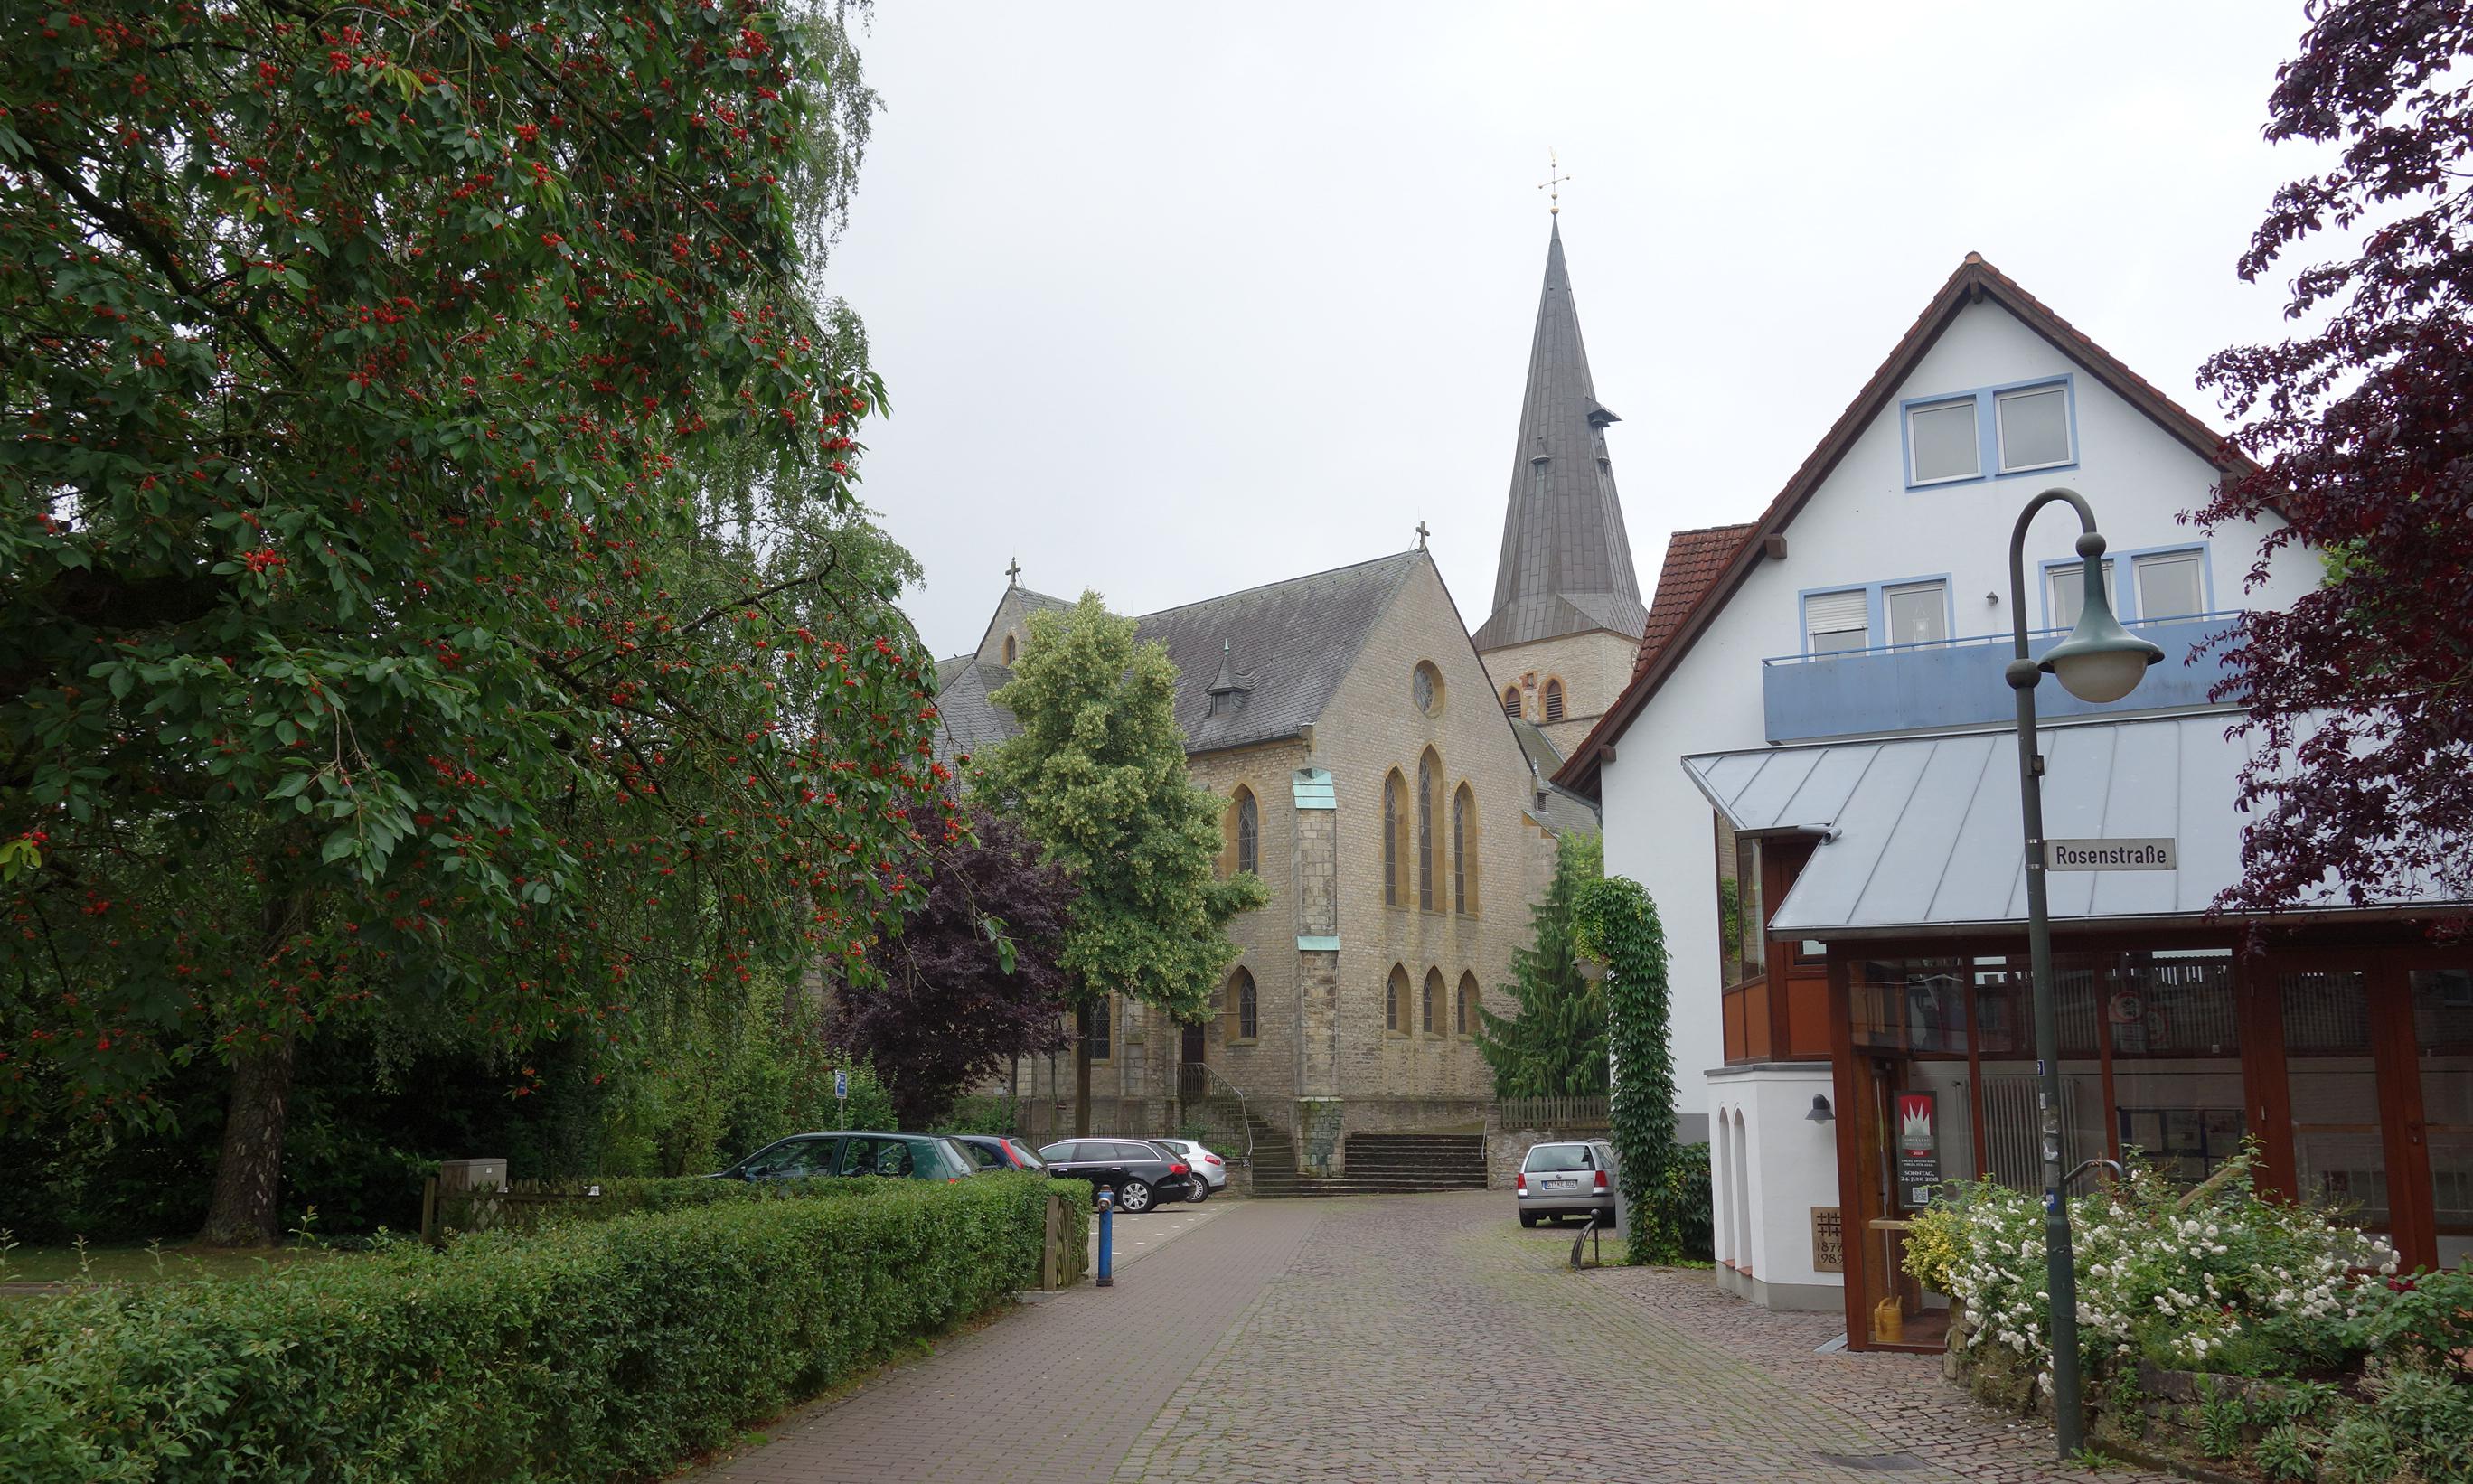 Innenstadt Werther (Westf.)Innenstadt Werther (Westf.)